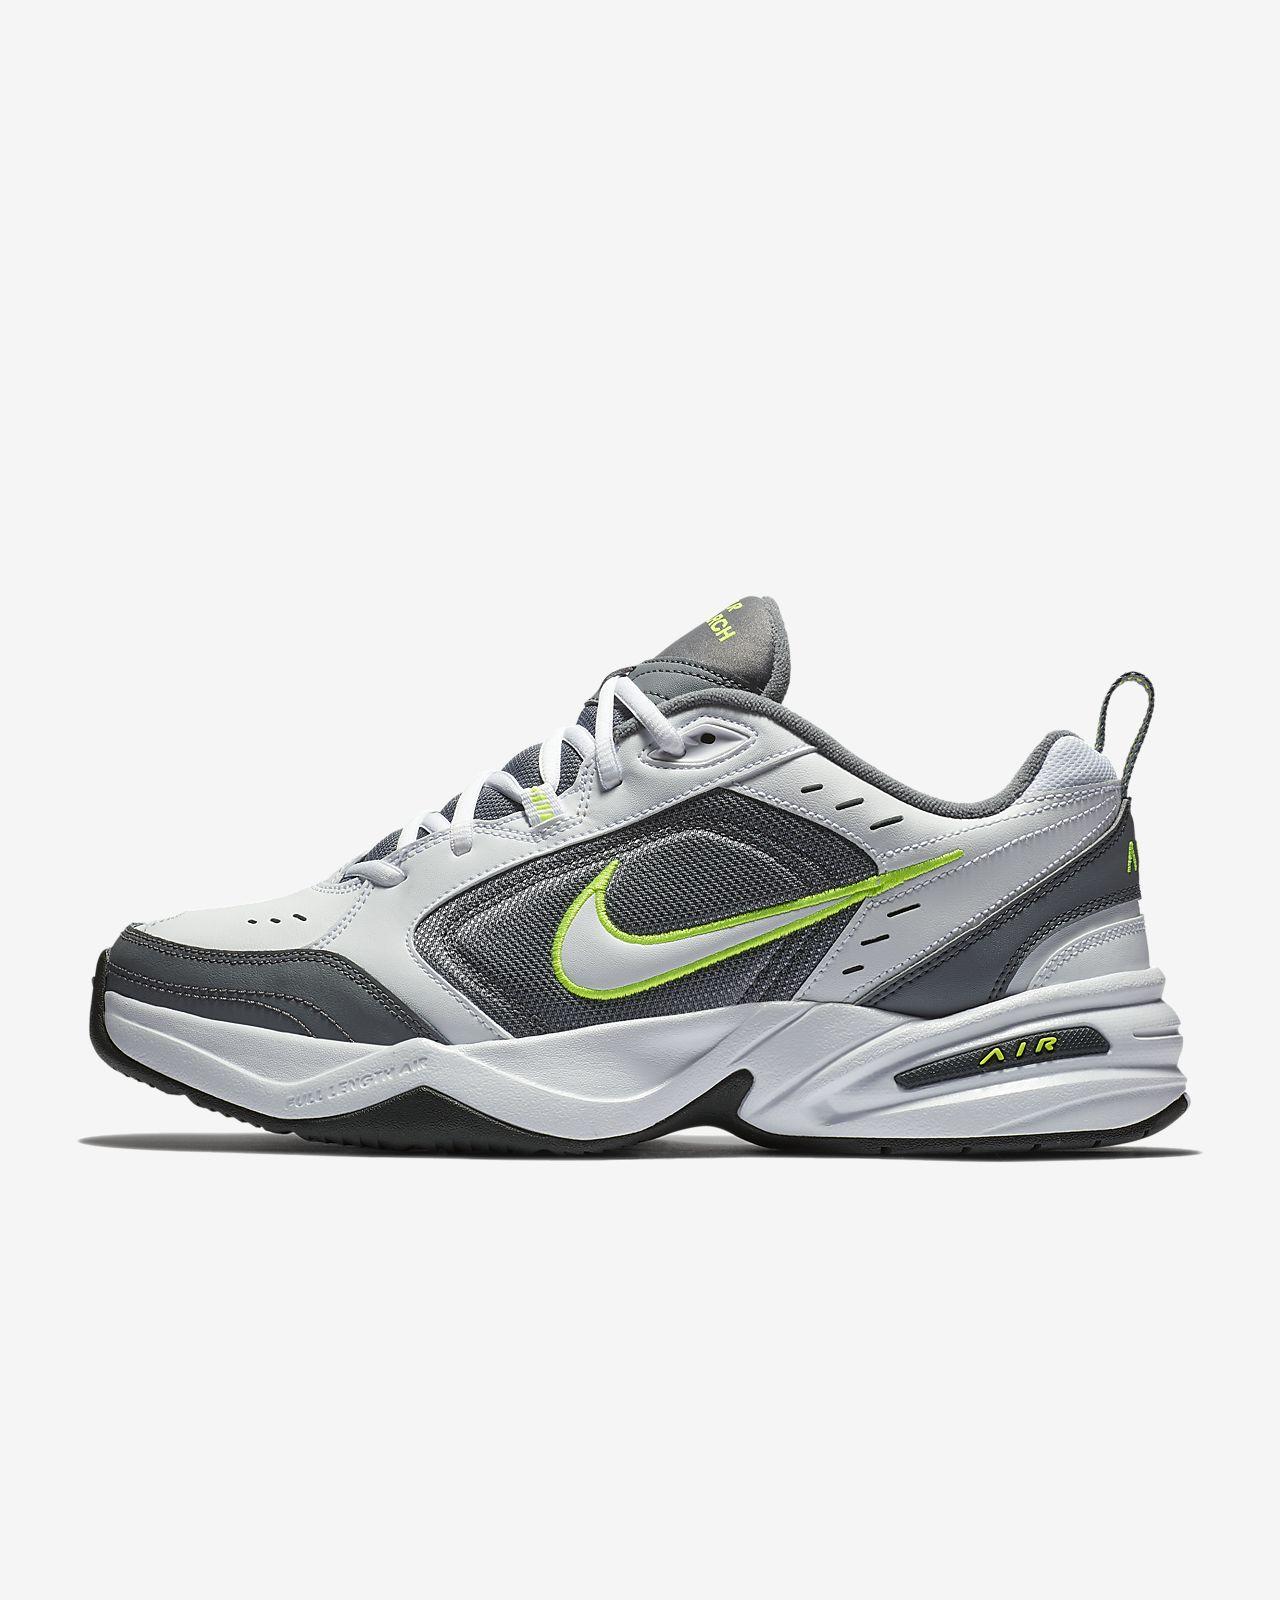 factory price f2c04 1d77c ... Nike Air Monarch IV Schuh für LifestyleFitnessstudio